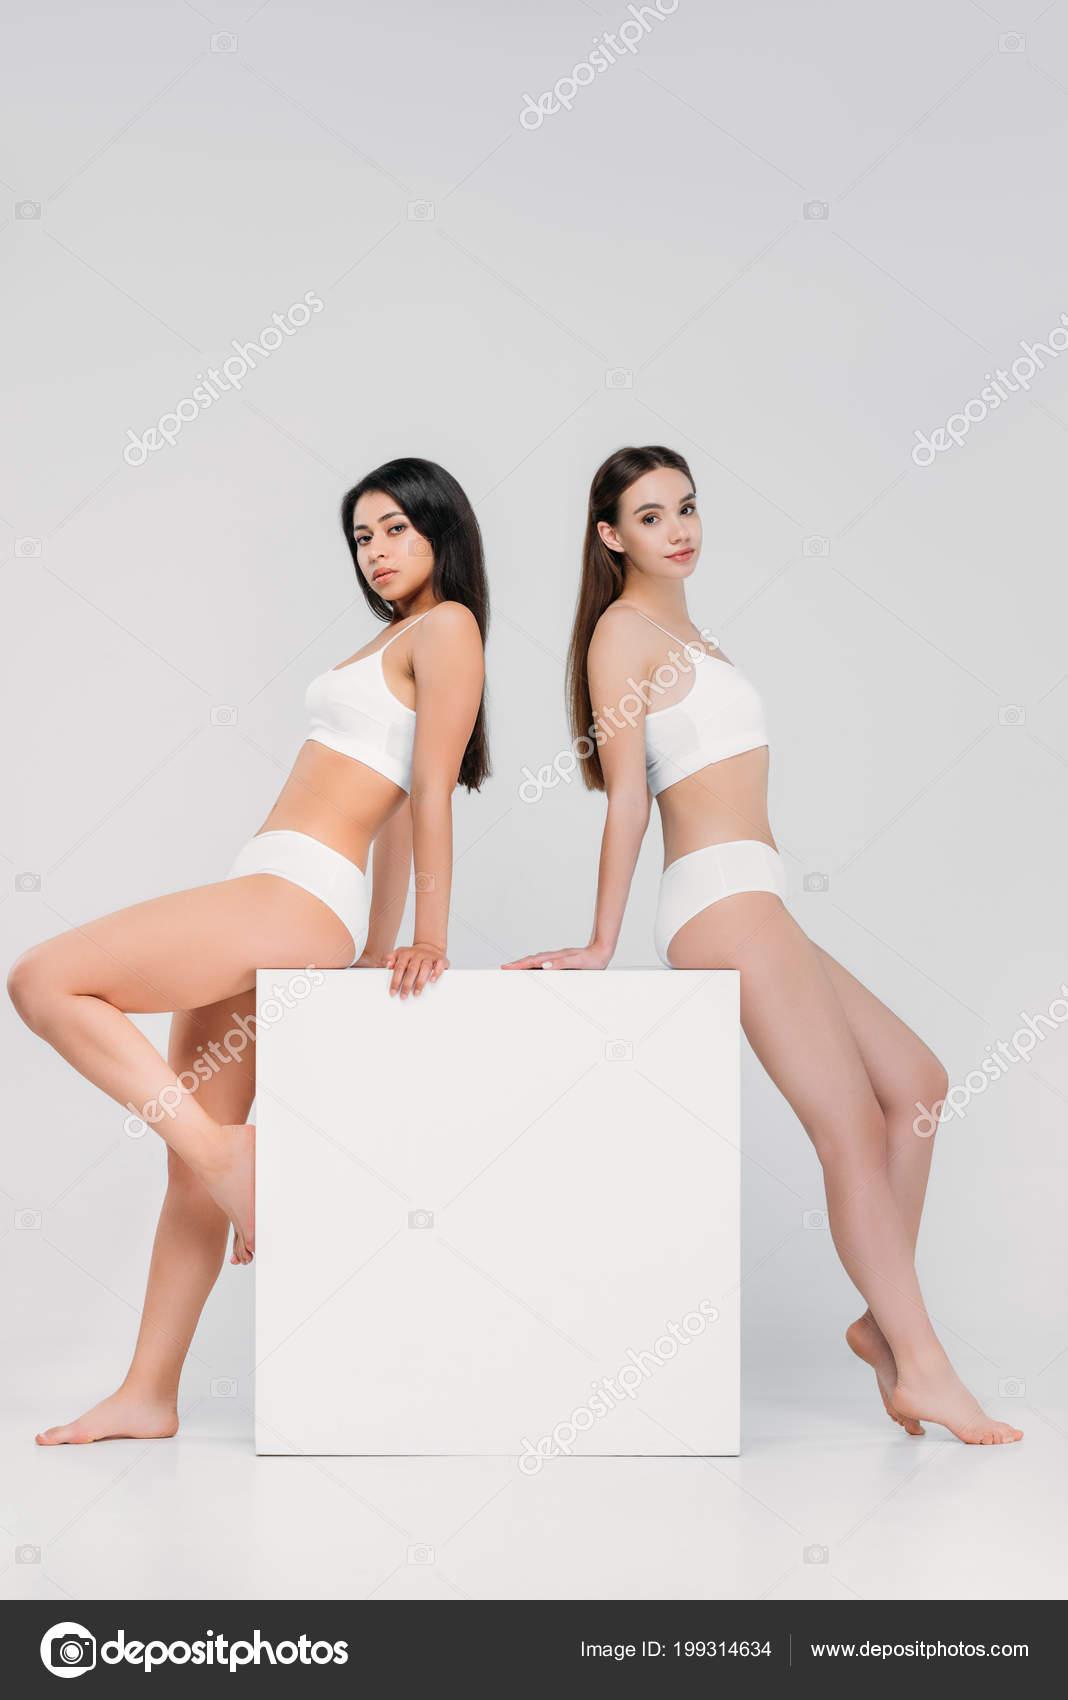 a5ca9ee964f4 Chicas Morenas Multiculturales Ropa Interior Posando Cubo Blanco ...